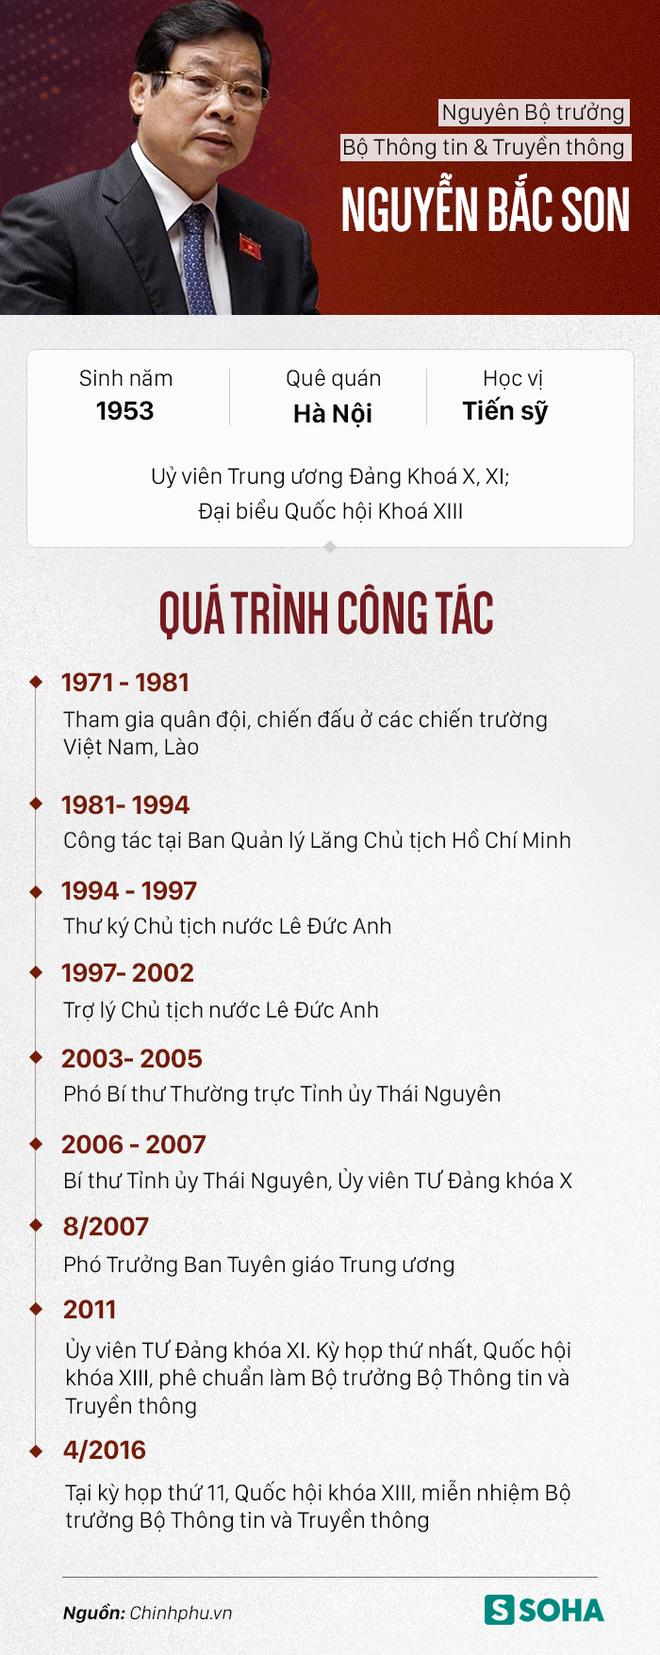 Cấp nào xử lý vi phạm của nguyên Bộ trưởng Nguyễn Bắc Son? - Ảnh 1.